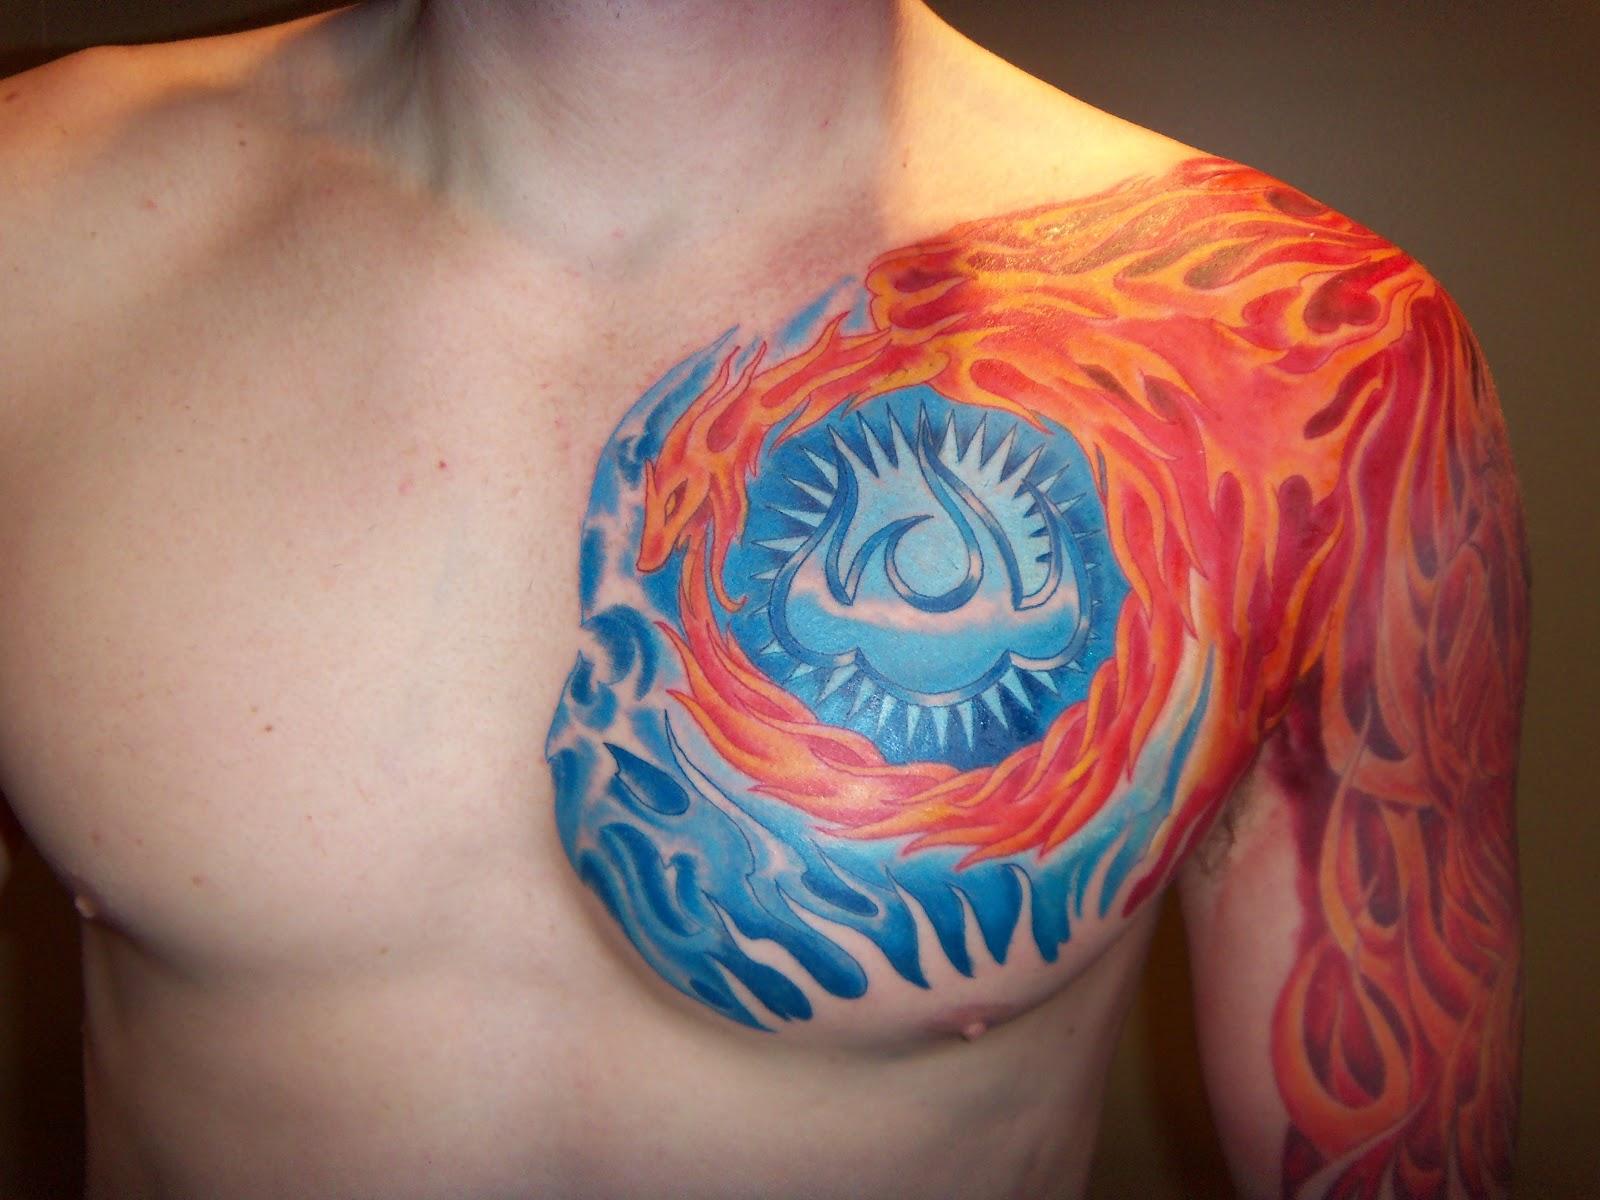 http://2.bp.blogspot.com/-0a5QqAH7gyw/T8-v9CBkIeI/AAAAAAAABKk/8mMw2Ev4Mtc/s1600/matthew-zaucha-stoic-tattoo.JPG